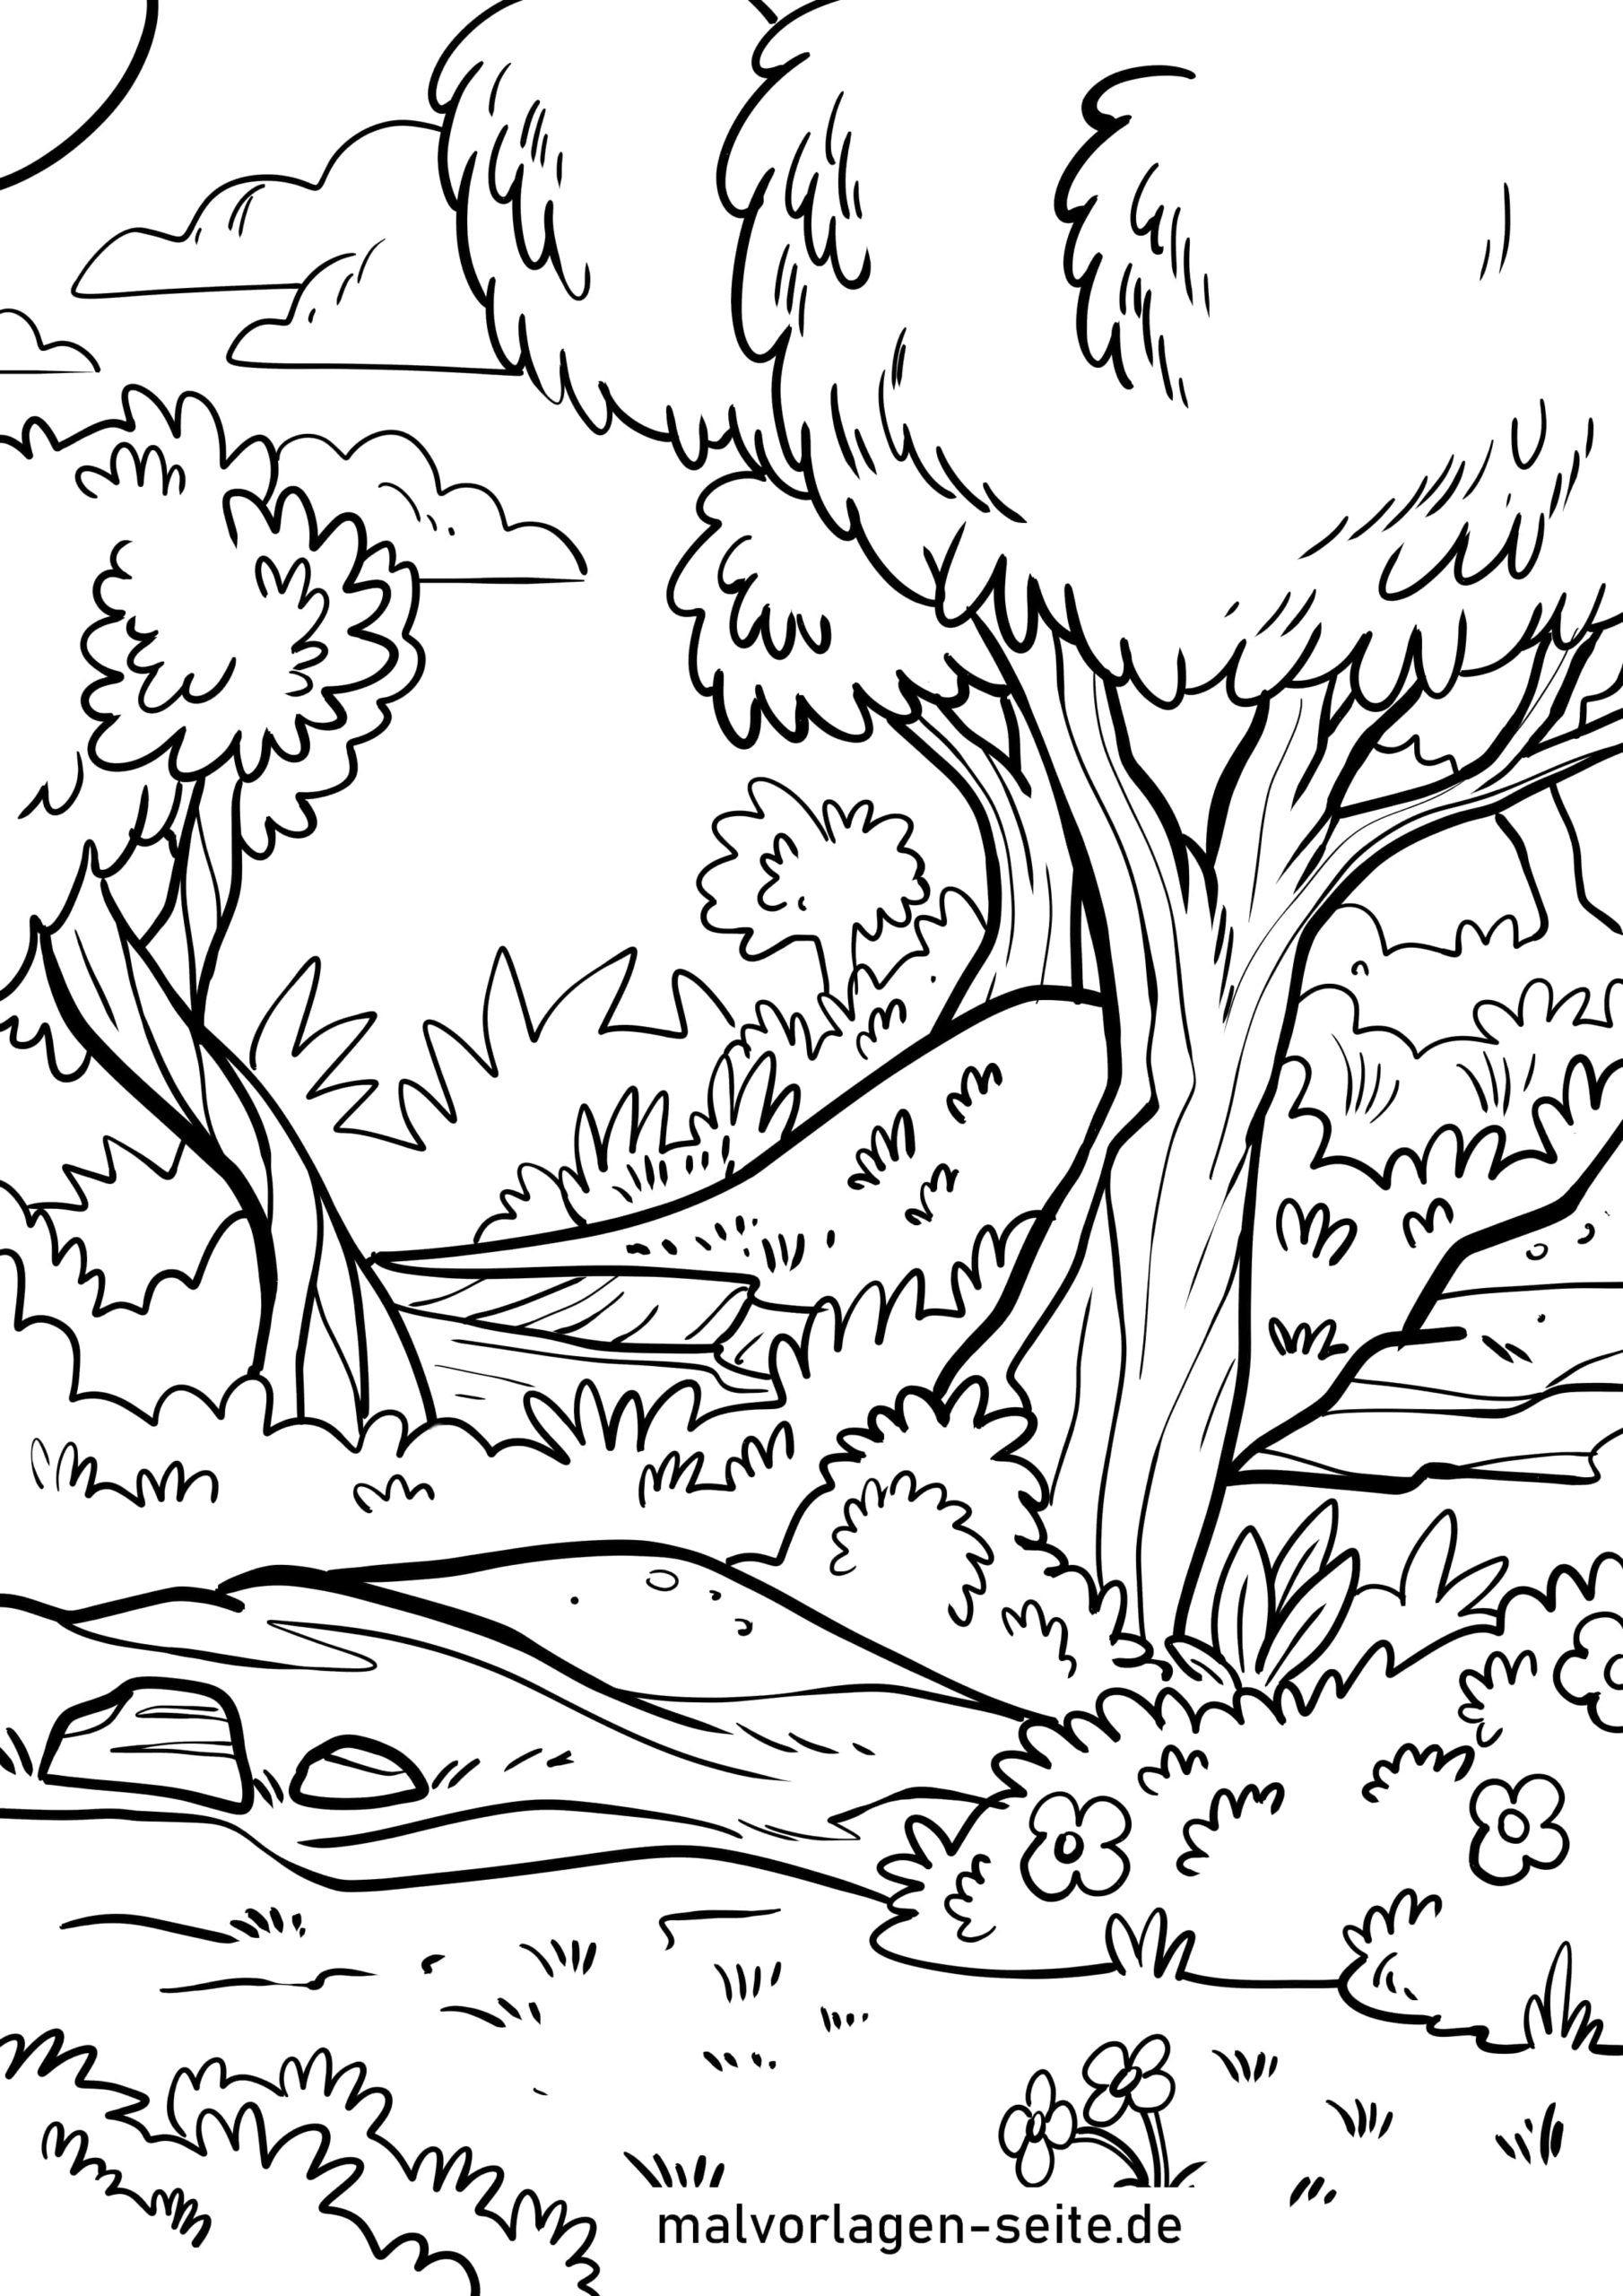 Malvorlage Wald - Ausmalbilder Kostenlos Herunterladen mit Wald Ausmalbild